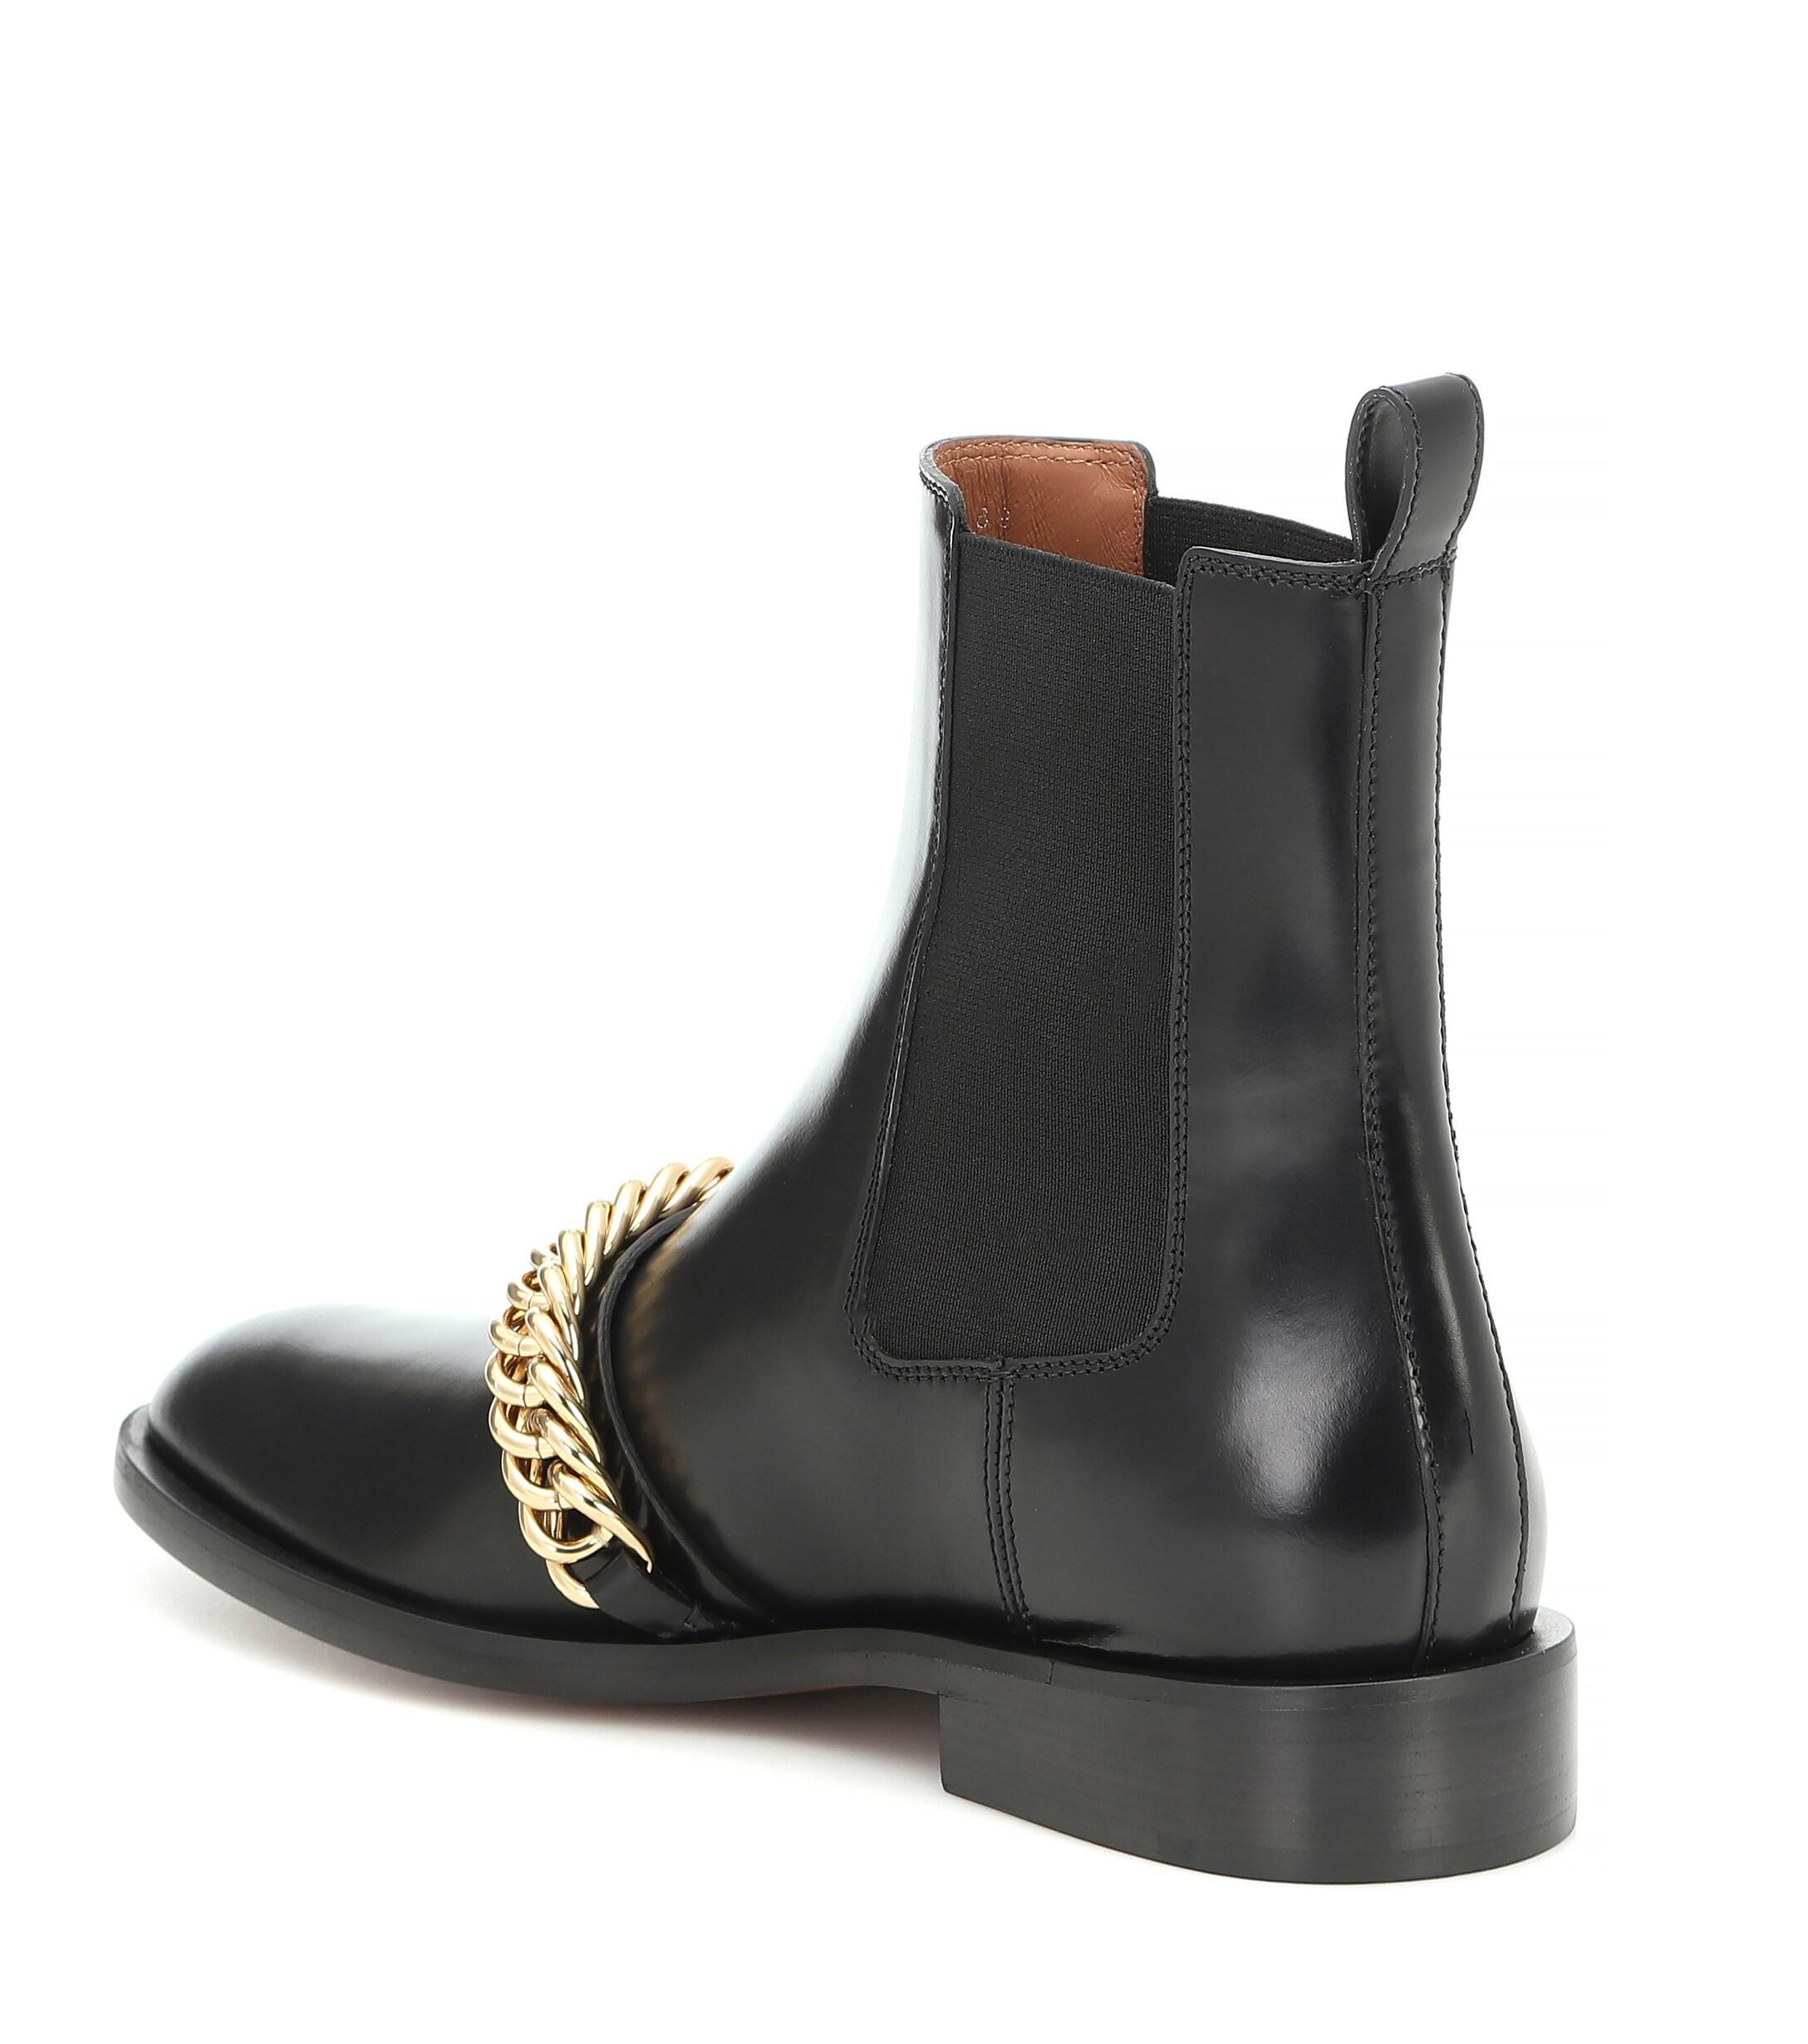 Botines de piel adornados Givenchy de Cuero de color Negro